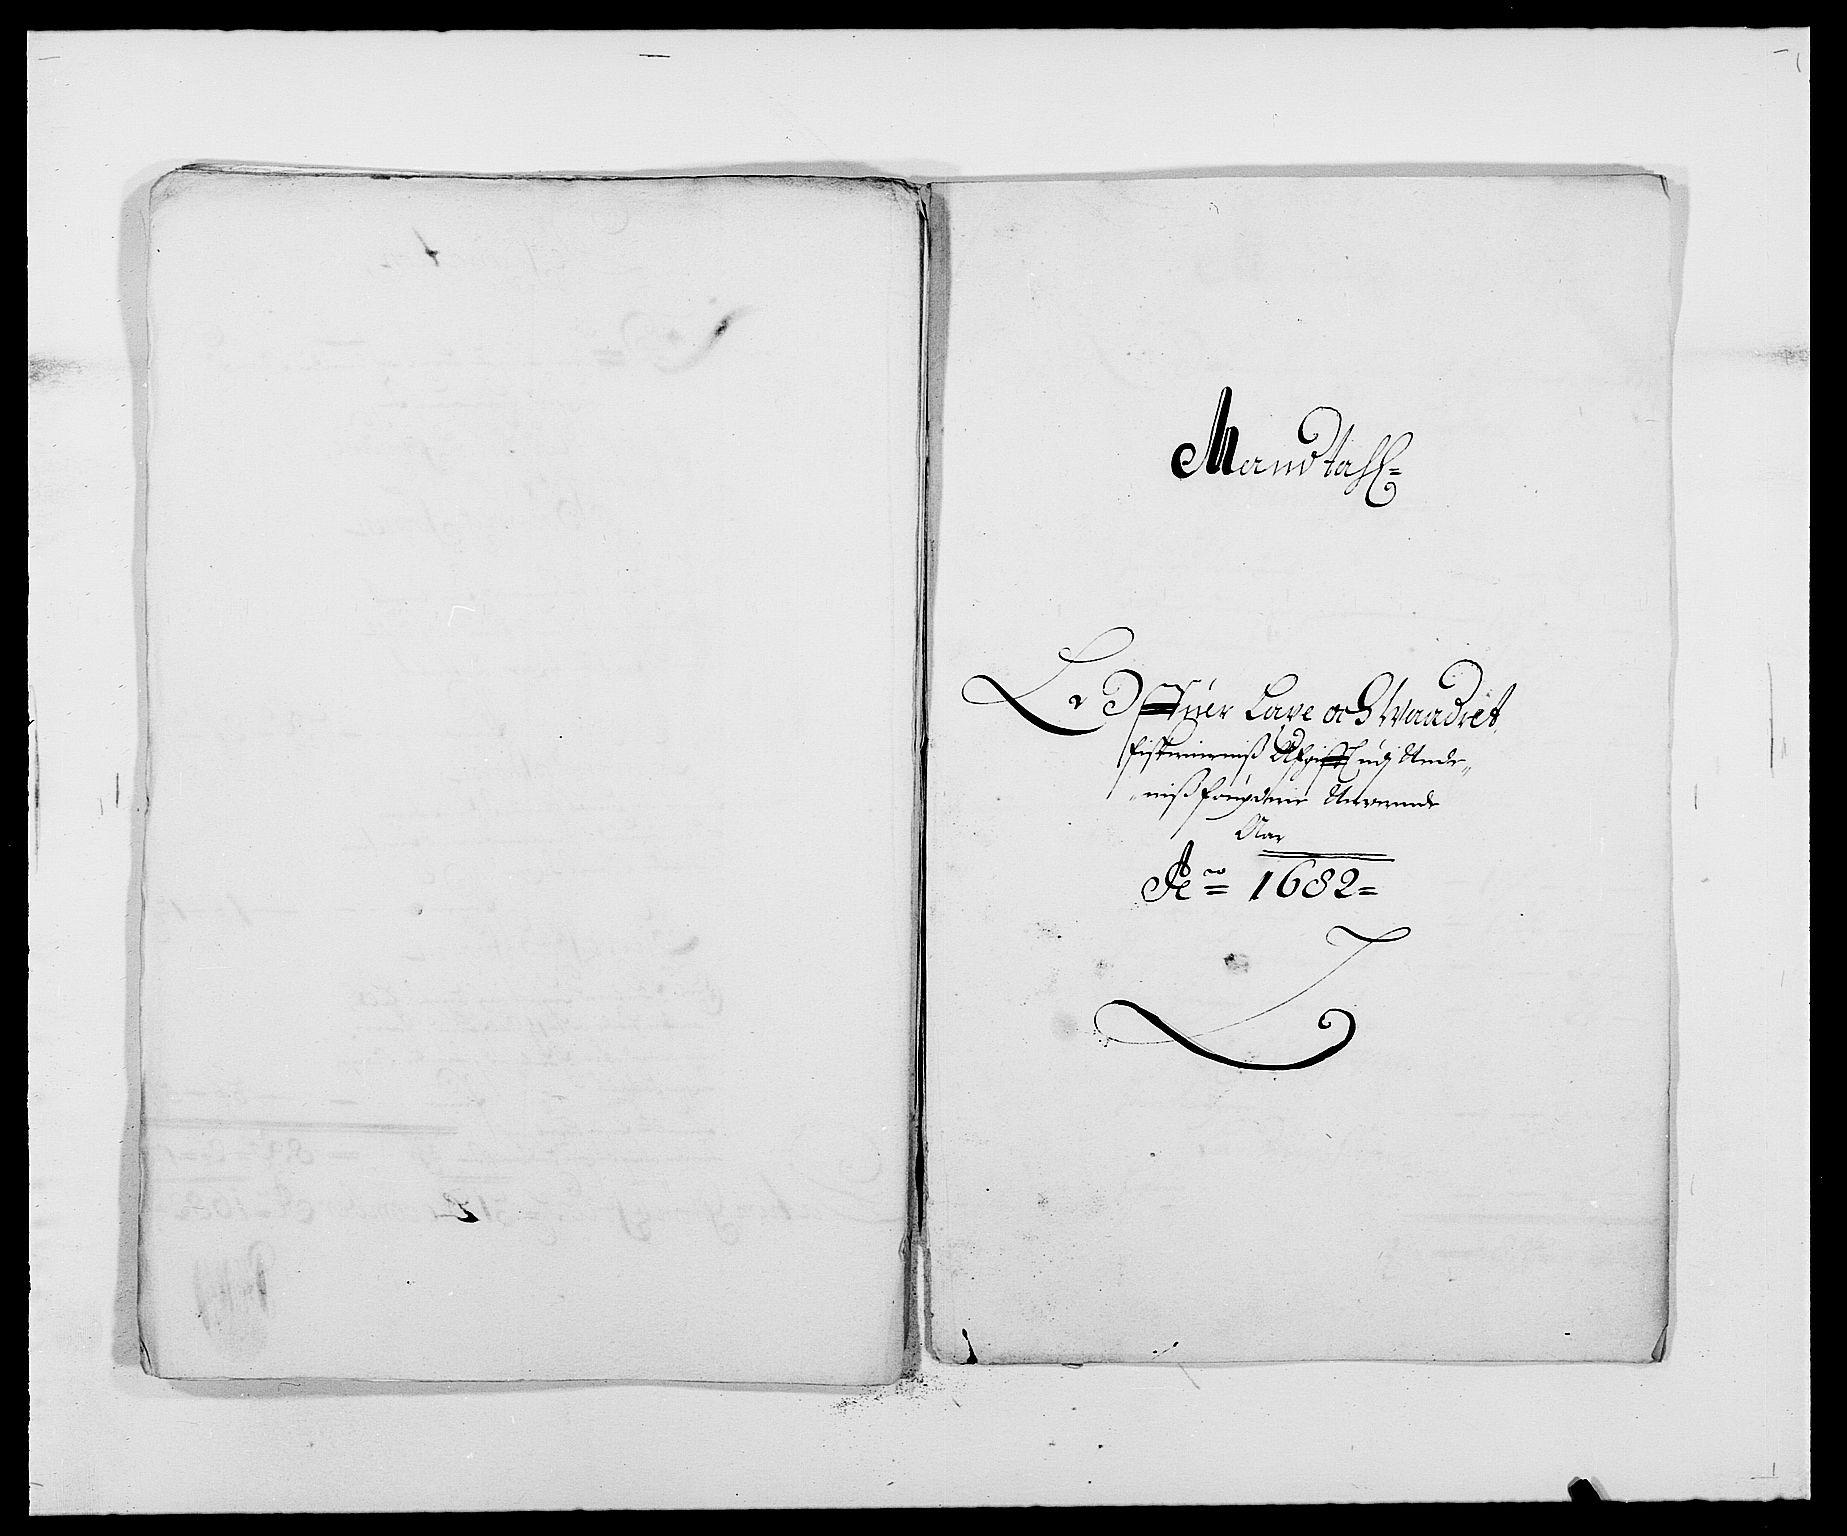 RA, Rentekammeret inntil 1814, Reviderte regnskaper, Fogderegnskap, R39/L2304: Fogderegnskap Nedenes, 1680-1682, s. 408